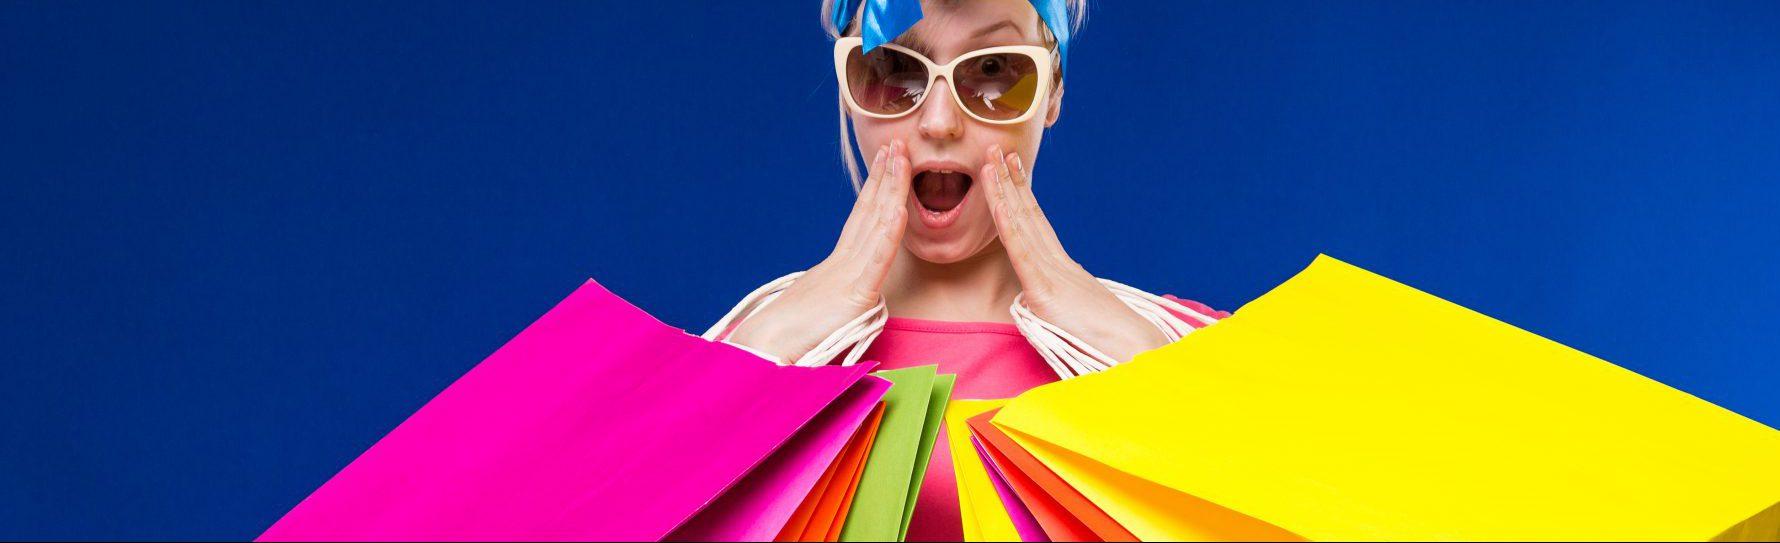 Branding zorgt voor enthousiaste reacties op uw merk, zoals bij deze koper